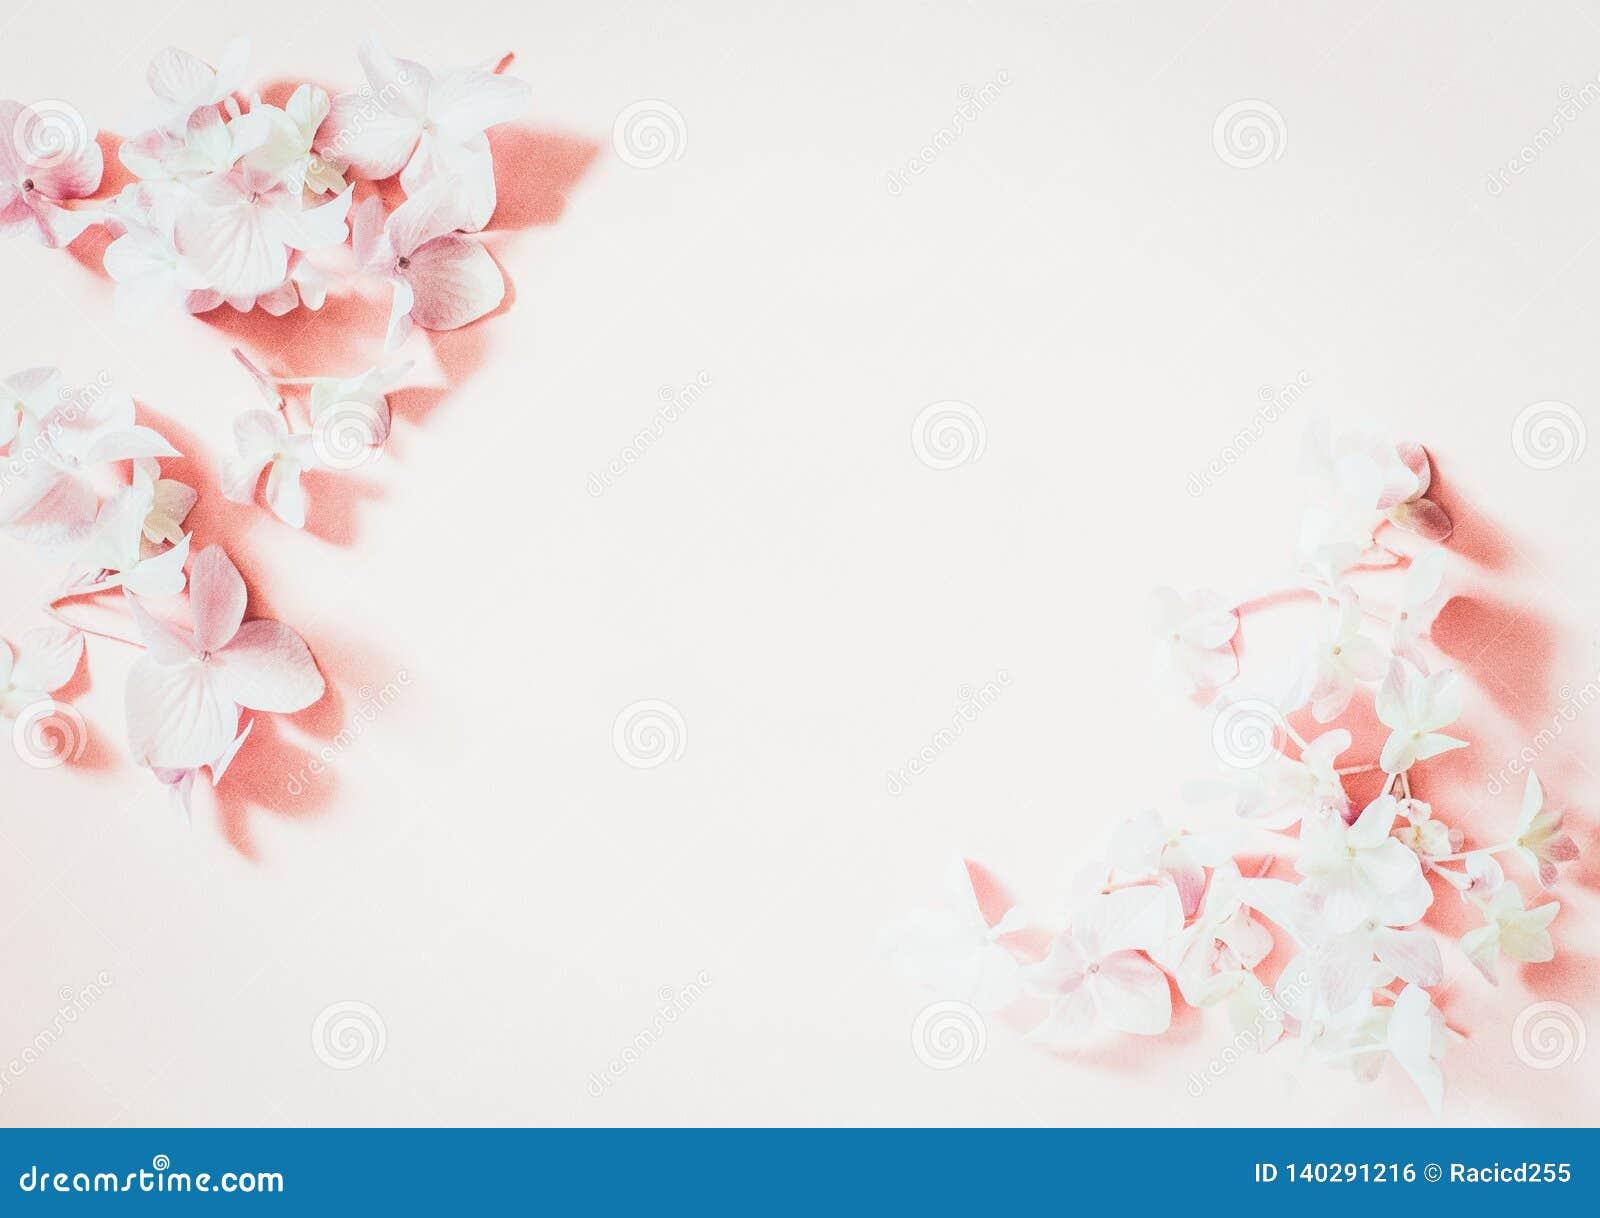 Введенная в моду женственная квартира кладет на бледную пастельную розовую предпосылку, взгляд сверху Рабочий стол минимальной же